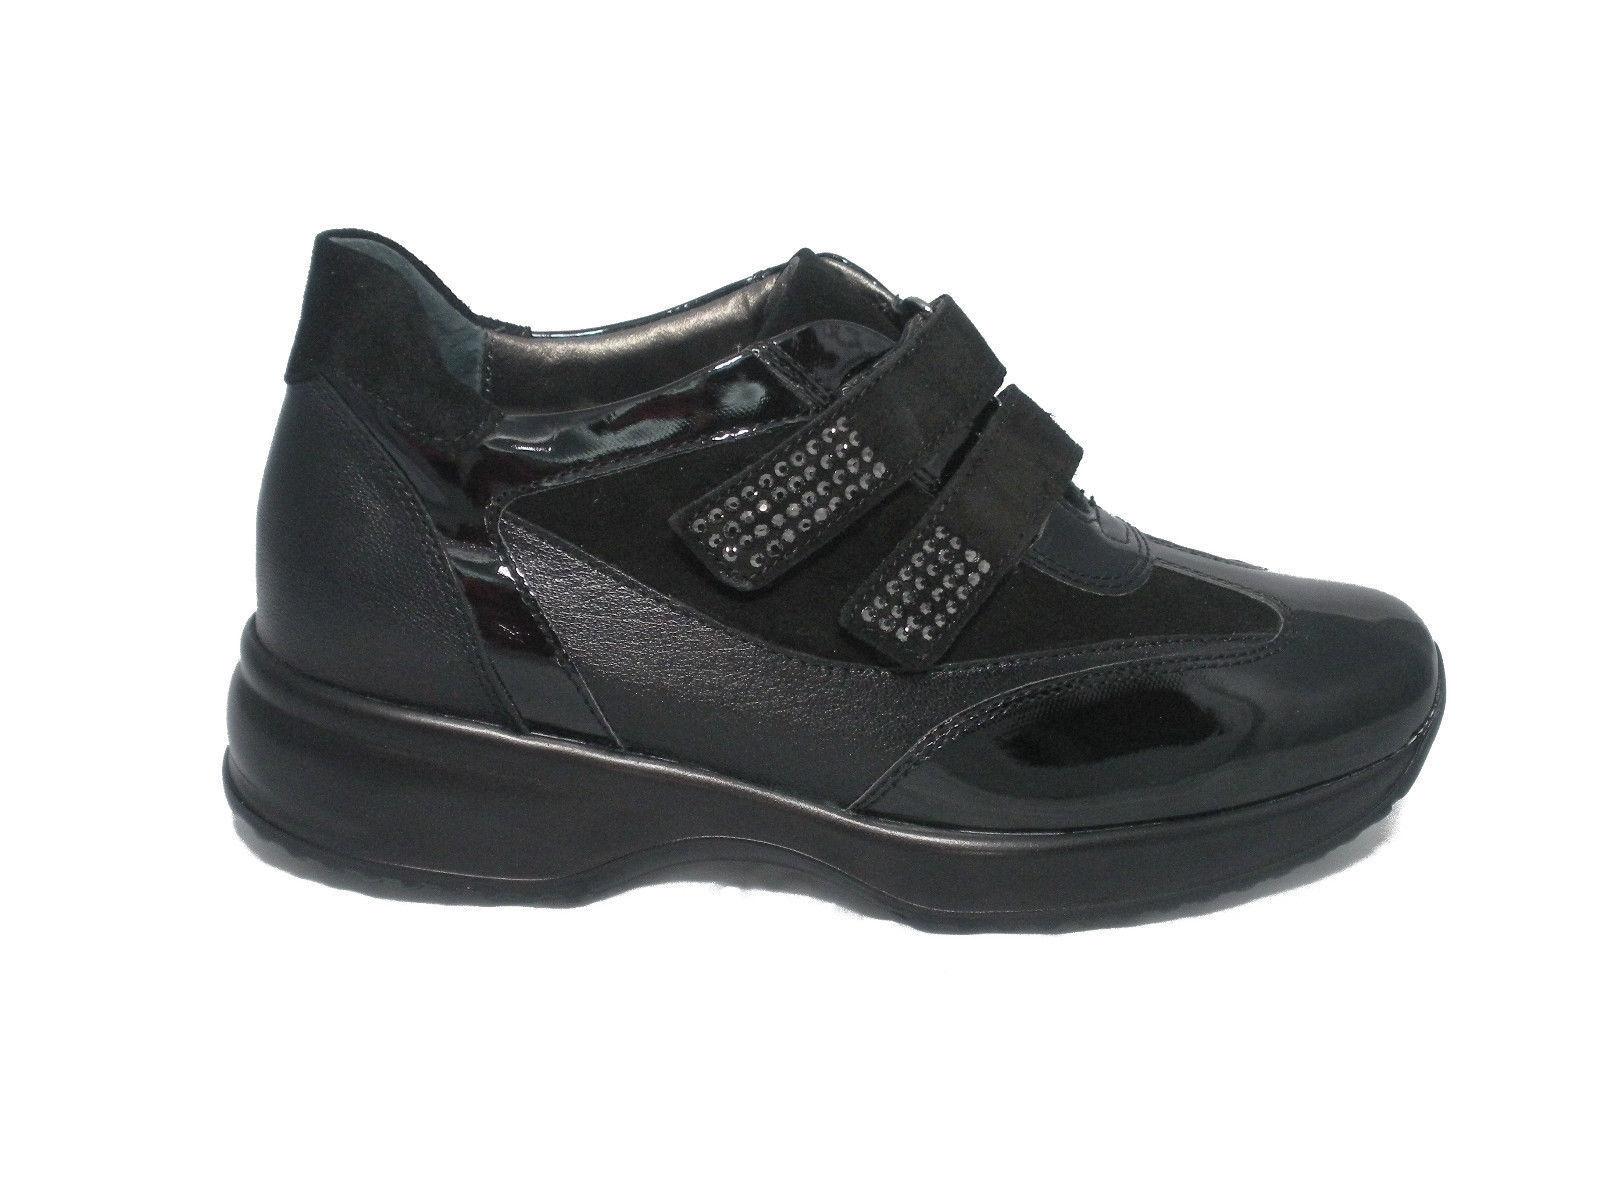 schuhe MELLUSO EVOLAIR Damens SNEAKERS 06022 CON STRAP NERO MADE IN ITALY Schuhe